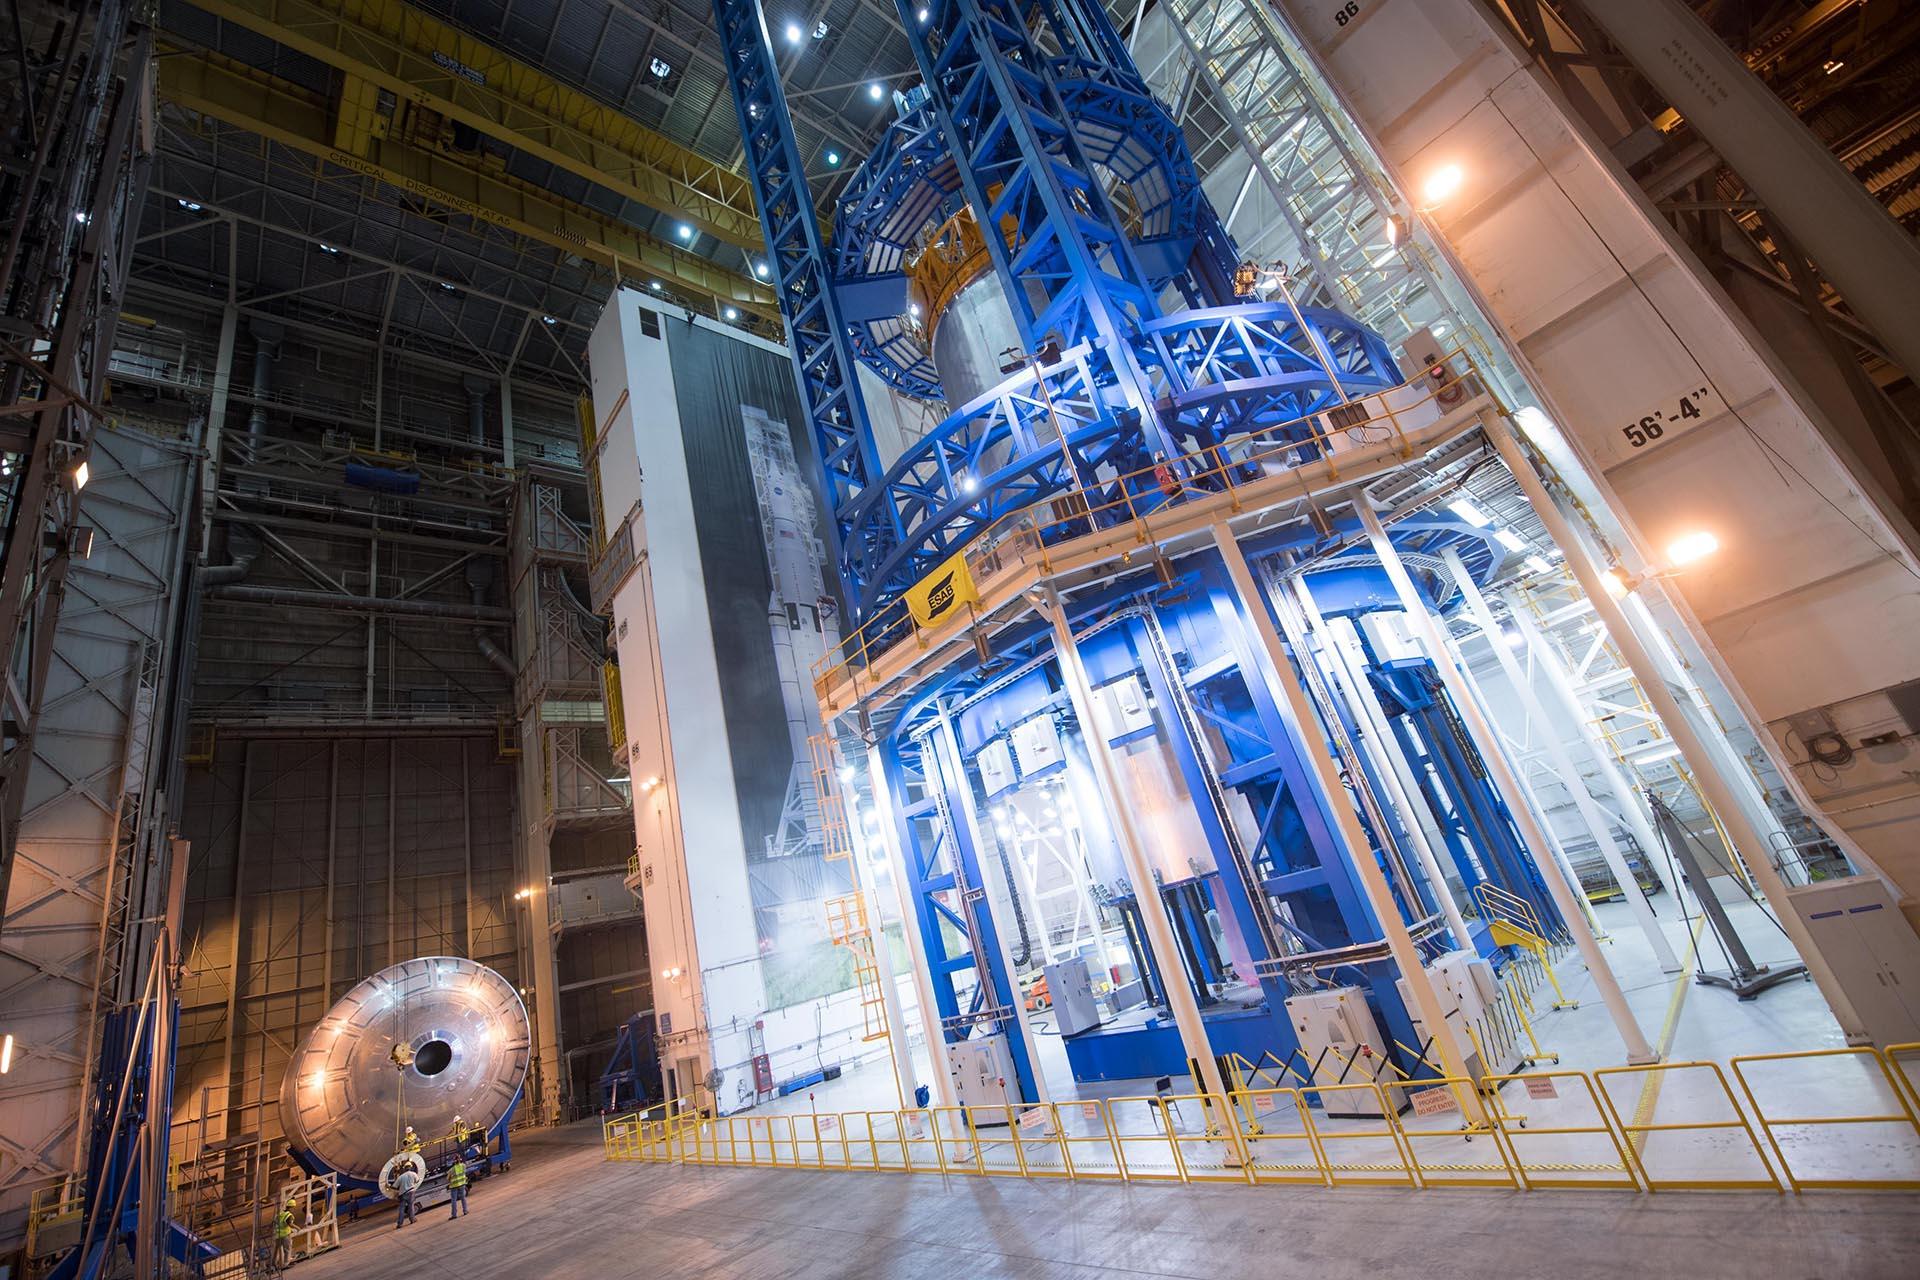 Este cohete formará parte del Sistema de Lanzamiento Espacial de la NASA (SLS, por sus siglas en inglés), y sus pruebas han sido tan complicadas para la agencia estadounidense que tuvieron que probarlo parte a parte